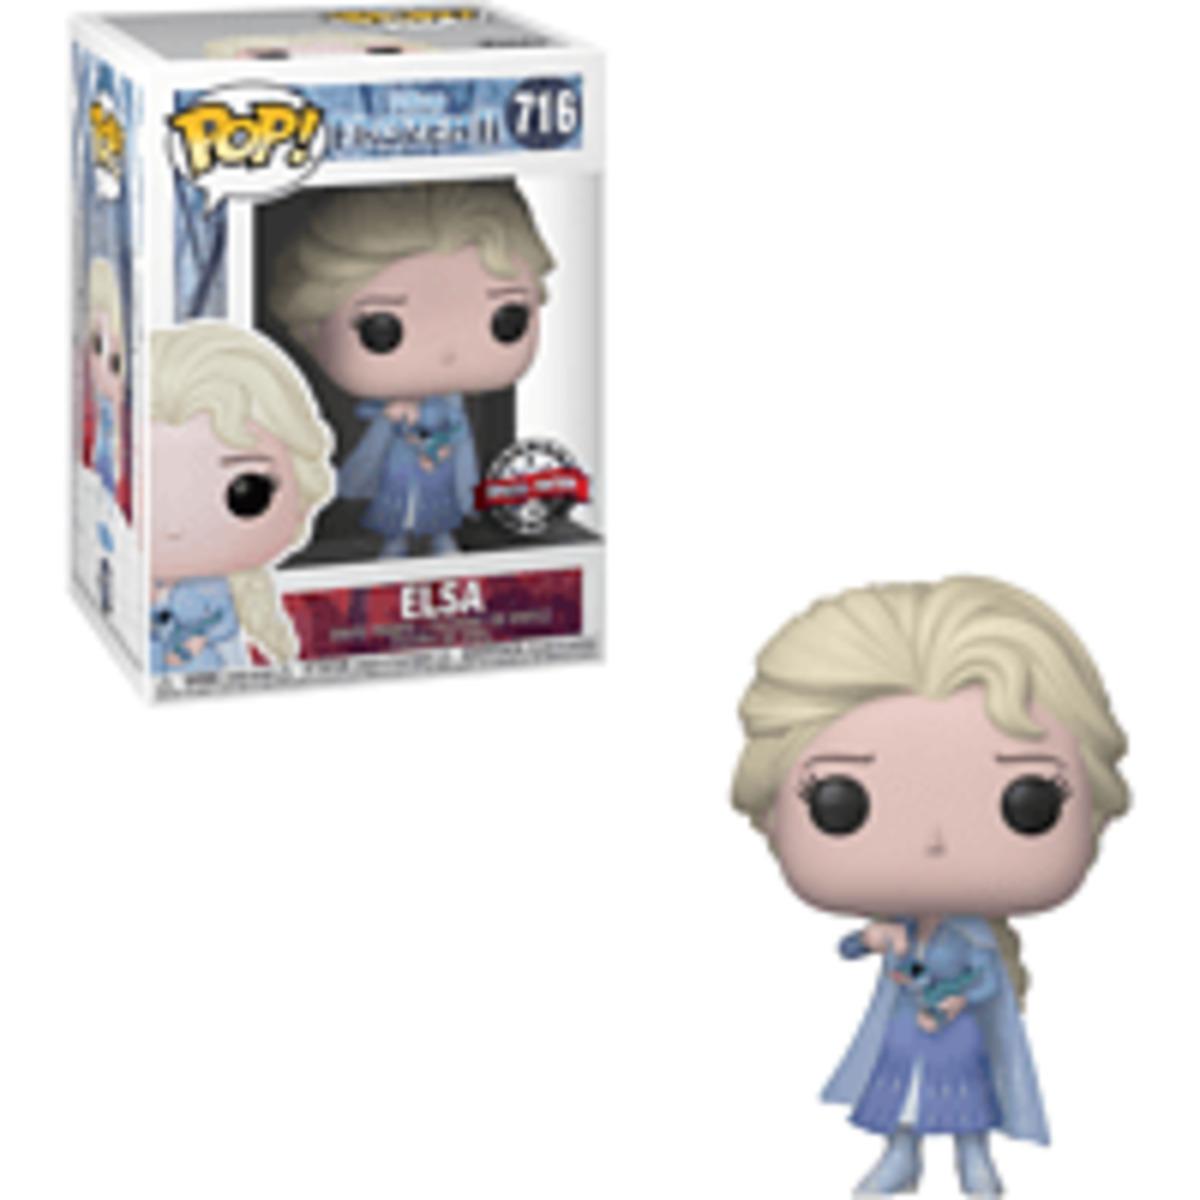 Bild 1 von FUNKO UK POP Disney Frozen: ELSA  Vinyl Figur